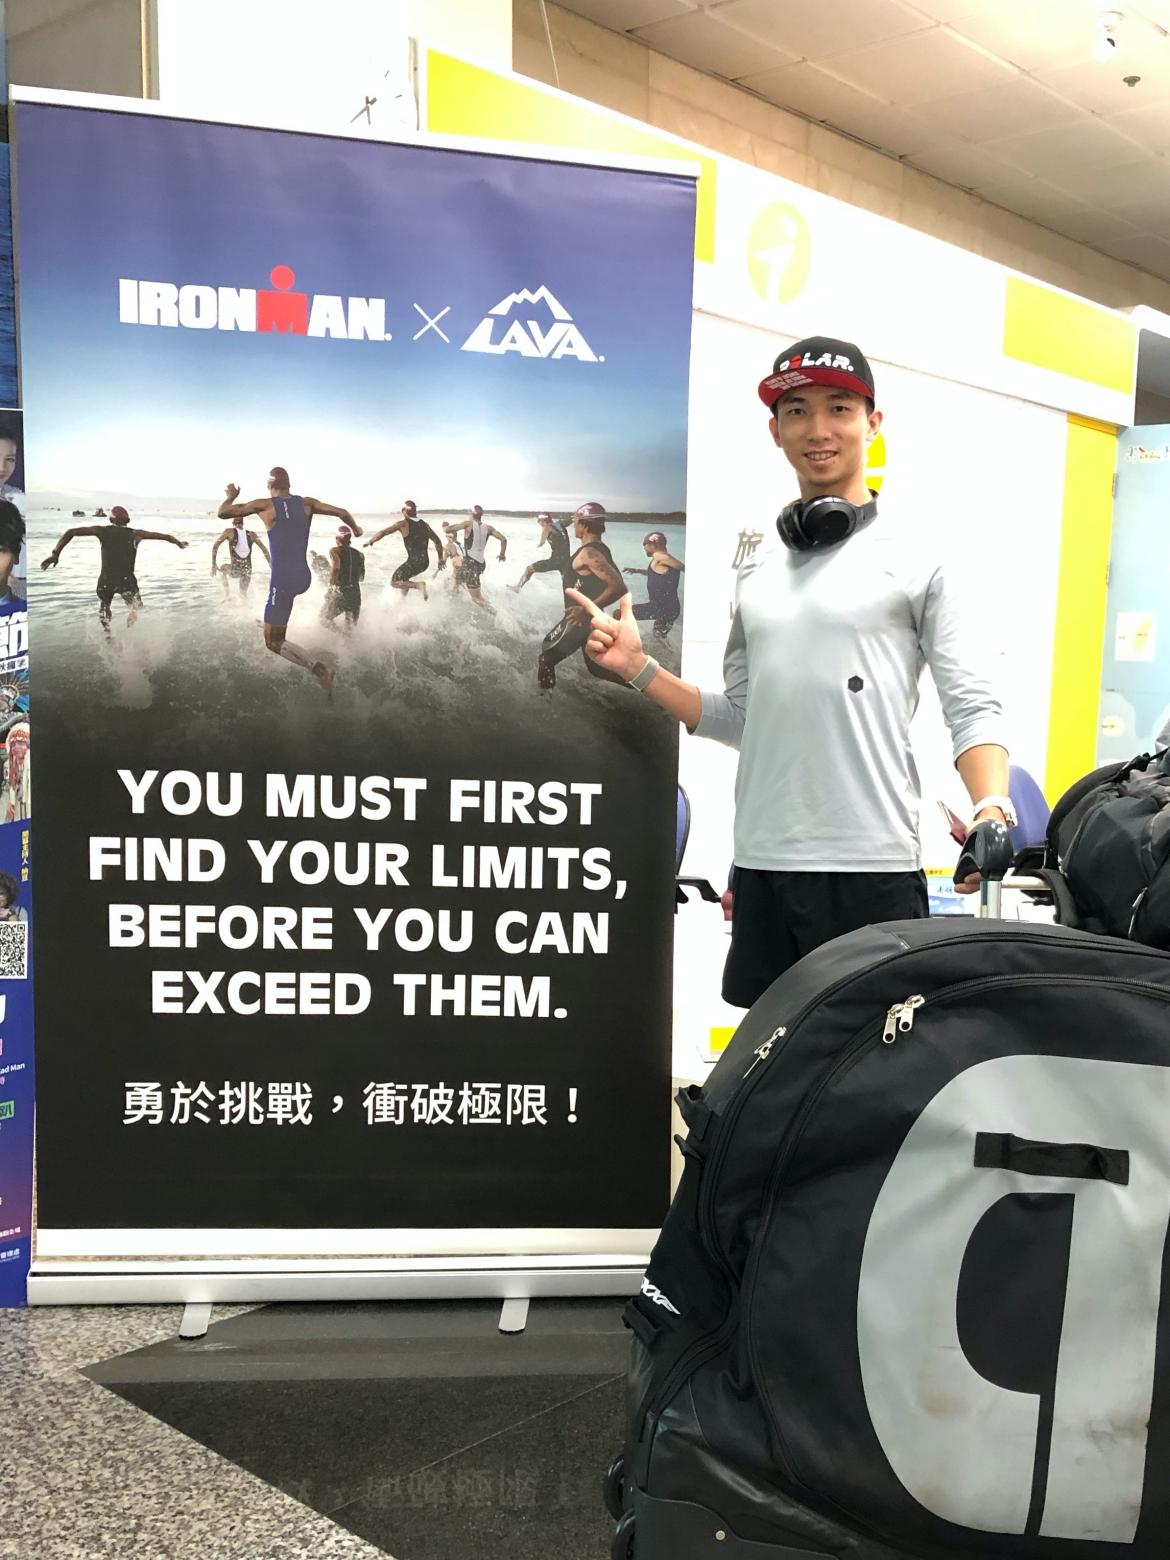 虐到退赛 下次再来 IRONMAN台湾澎湖大铁参赛记|铁人三项|体能健康|崔克Trek